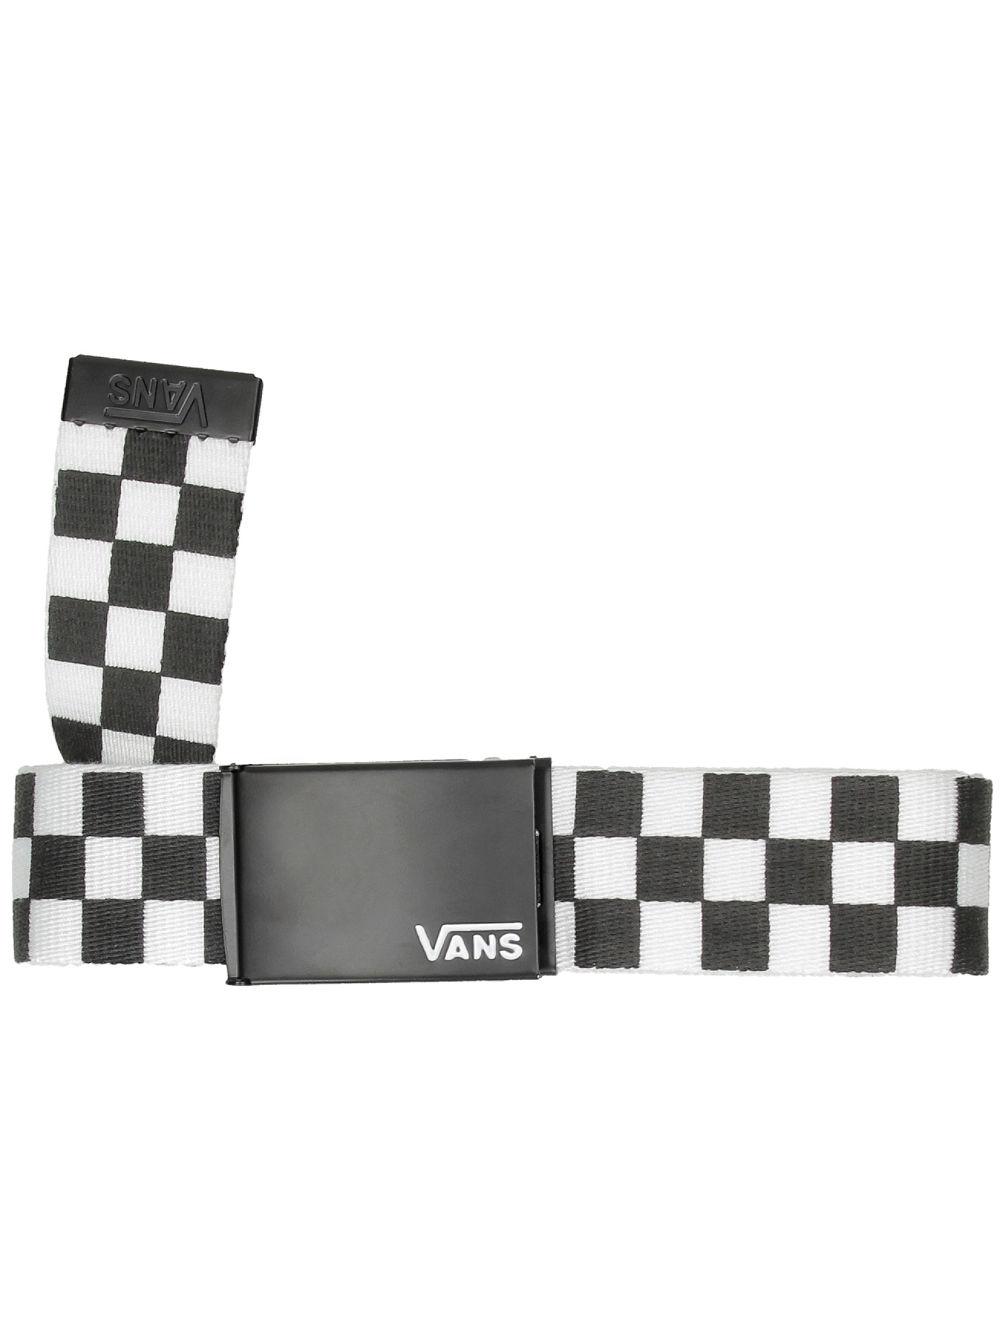 39a7e4027f0 Buy Vans Deppster II Web Belt online at blue-tomato.com